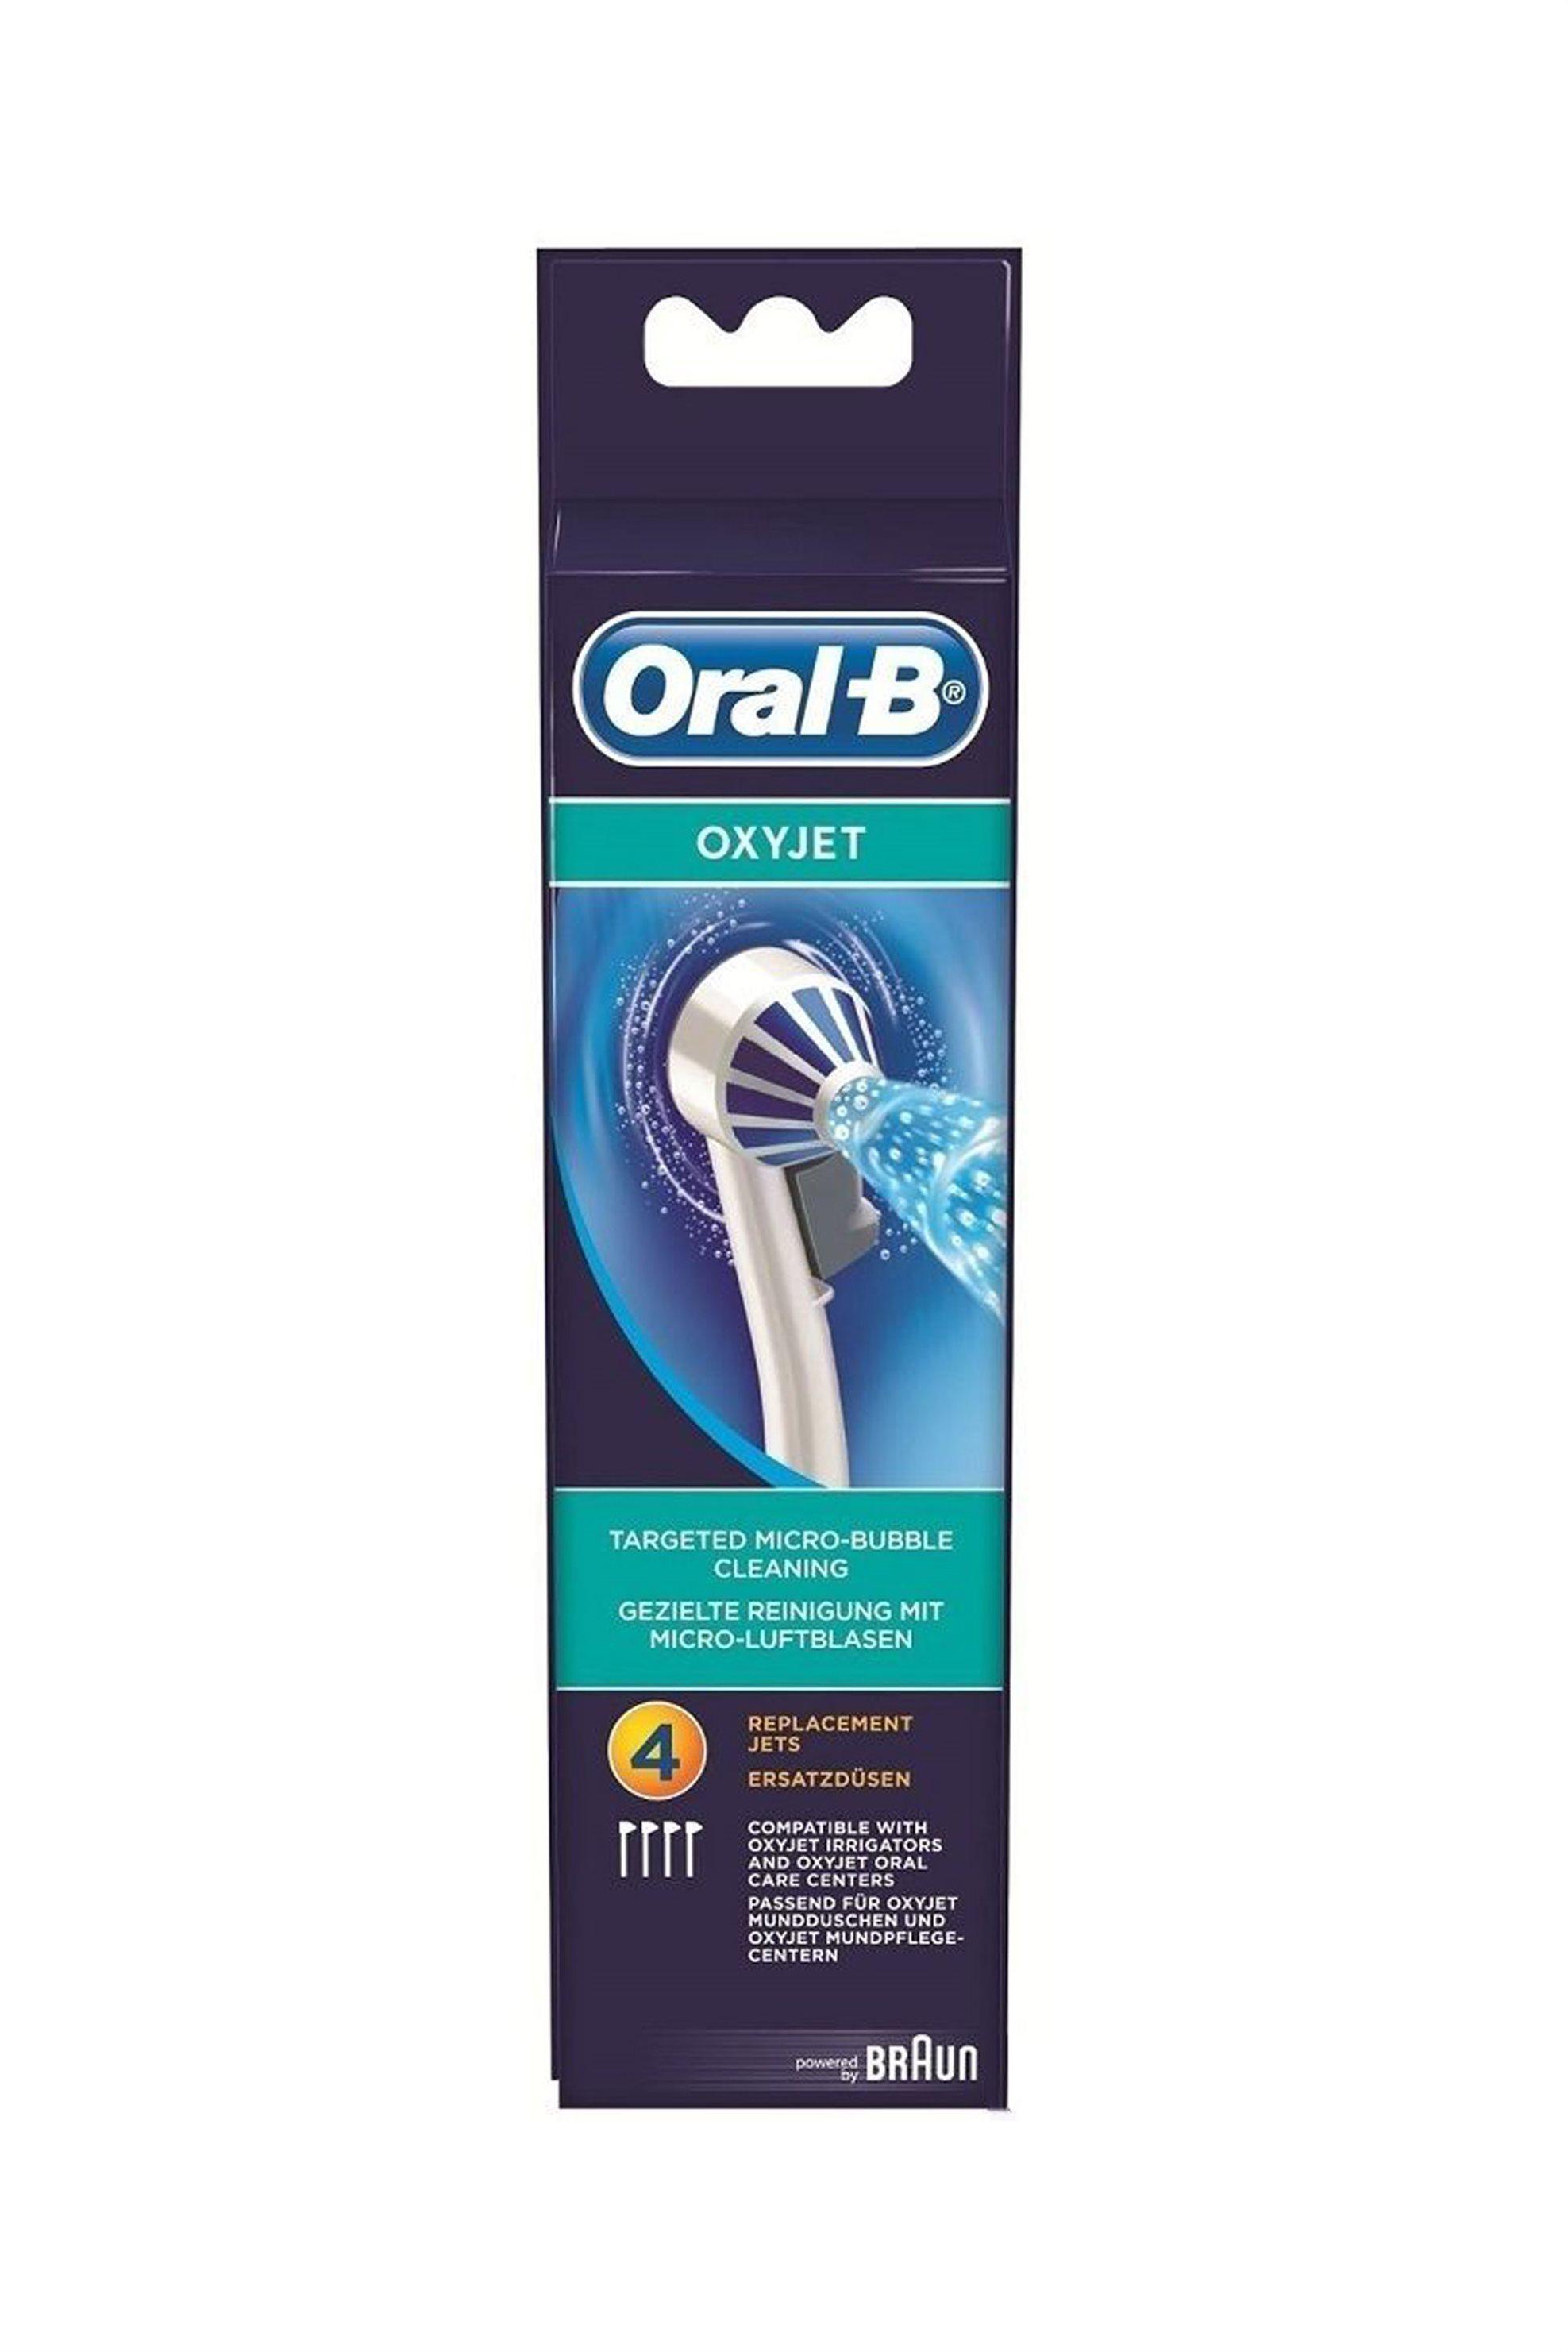 Ανταλλακτικά ακροφύσια Oral-b Oxyjet Braun - ED17-4/N home   συσκευεσ περιποιησησ   ηλεκτρικές οδοντόβουρτσες